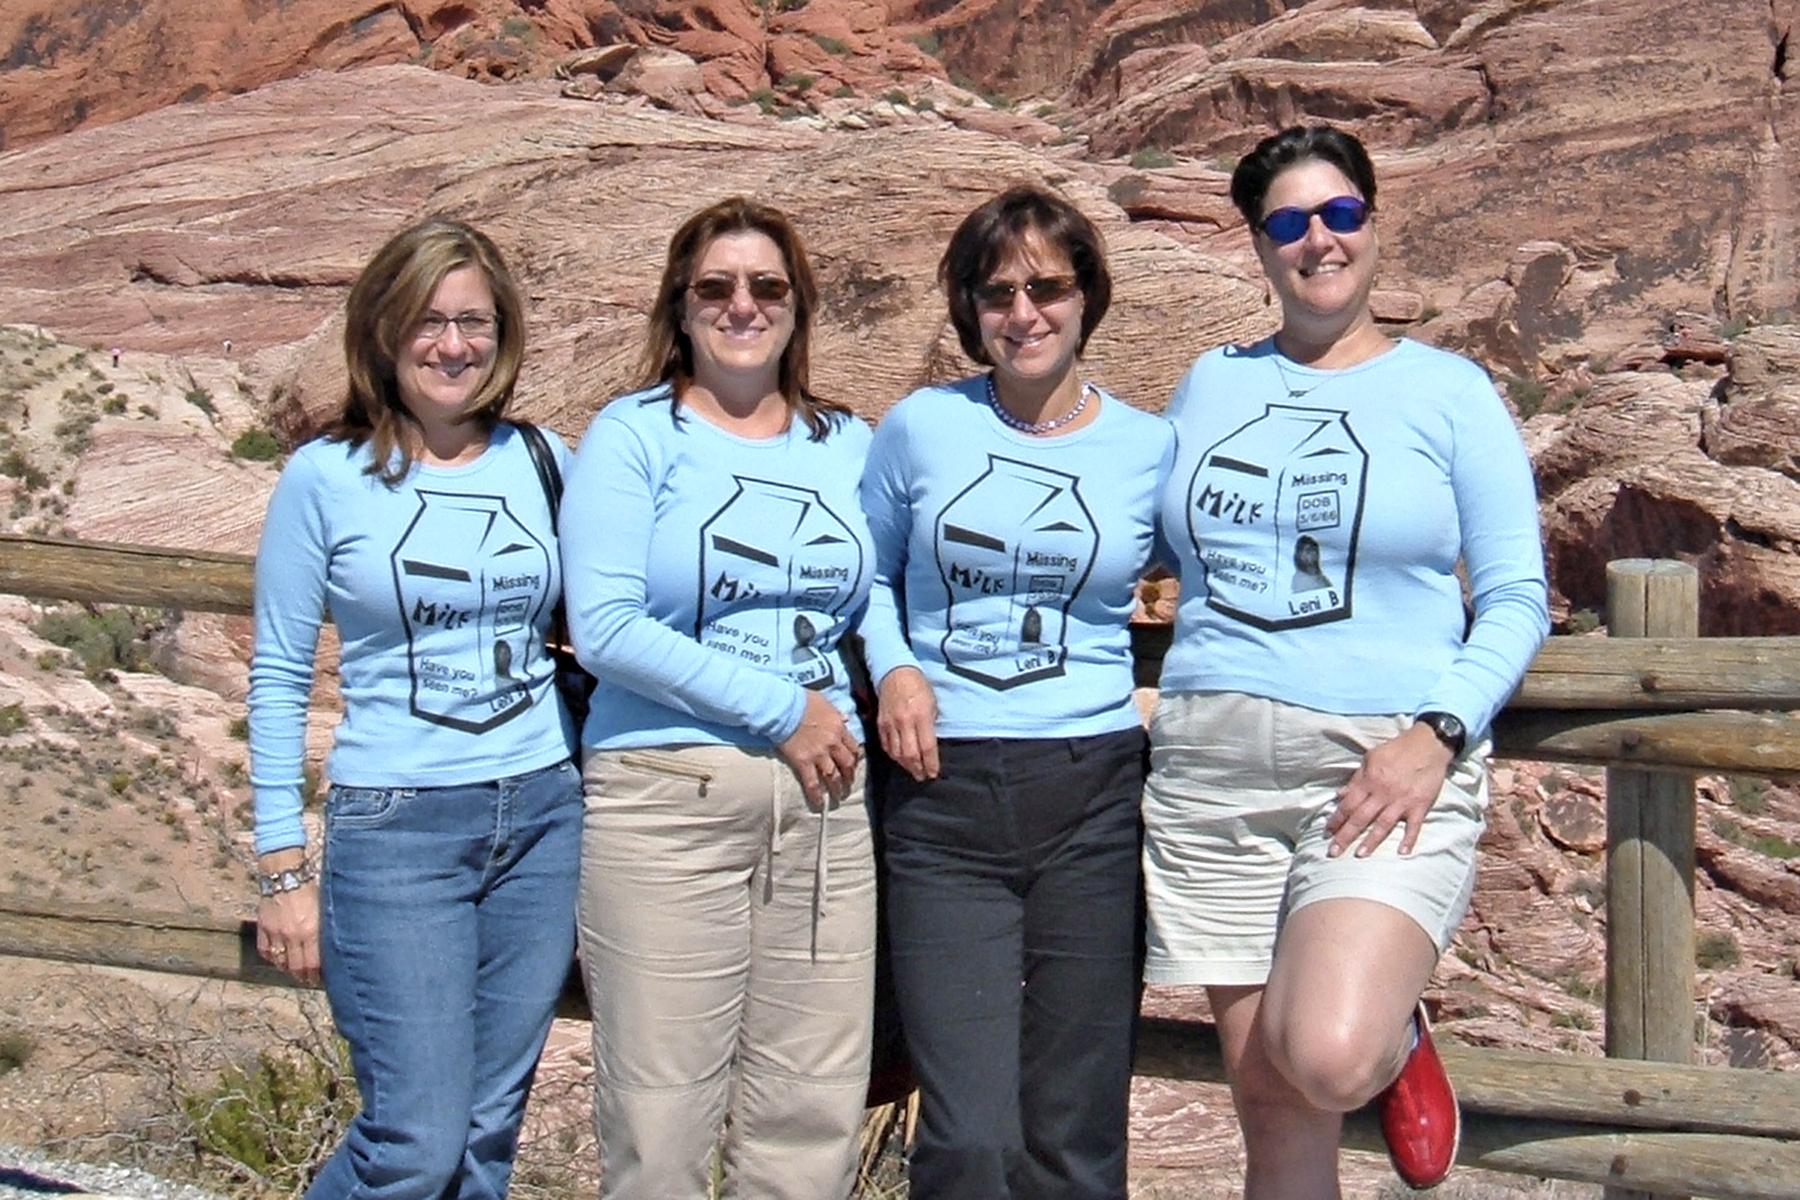 Design your own t shirt las vegas - Last Known Whereabouts Las Vegas T Shirt Photo